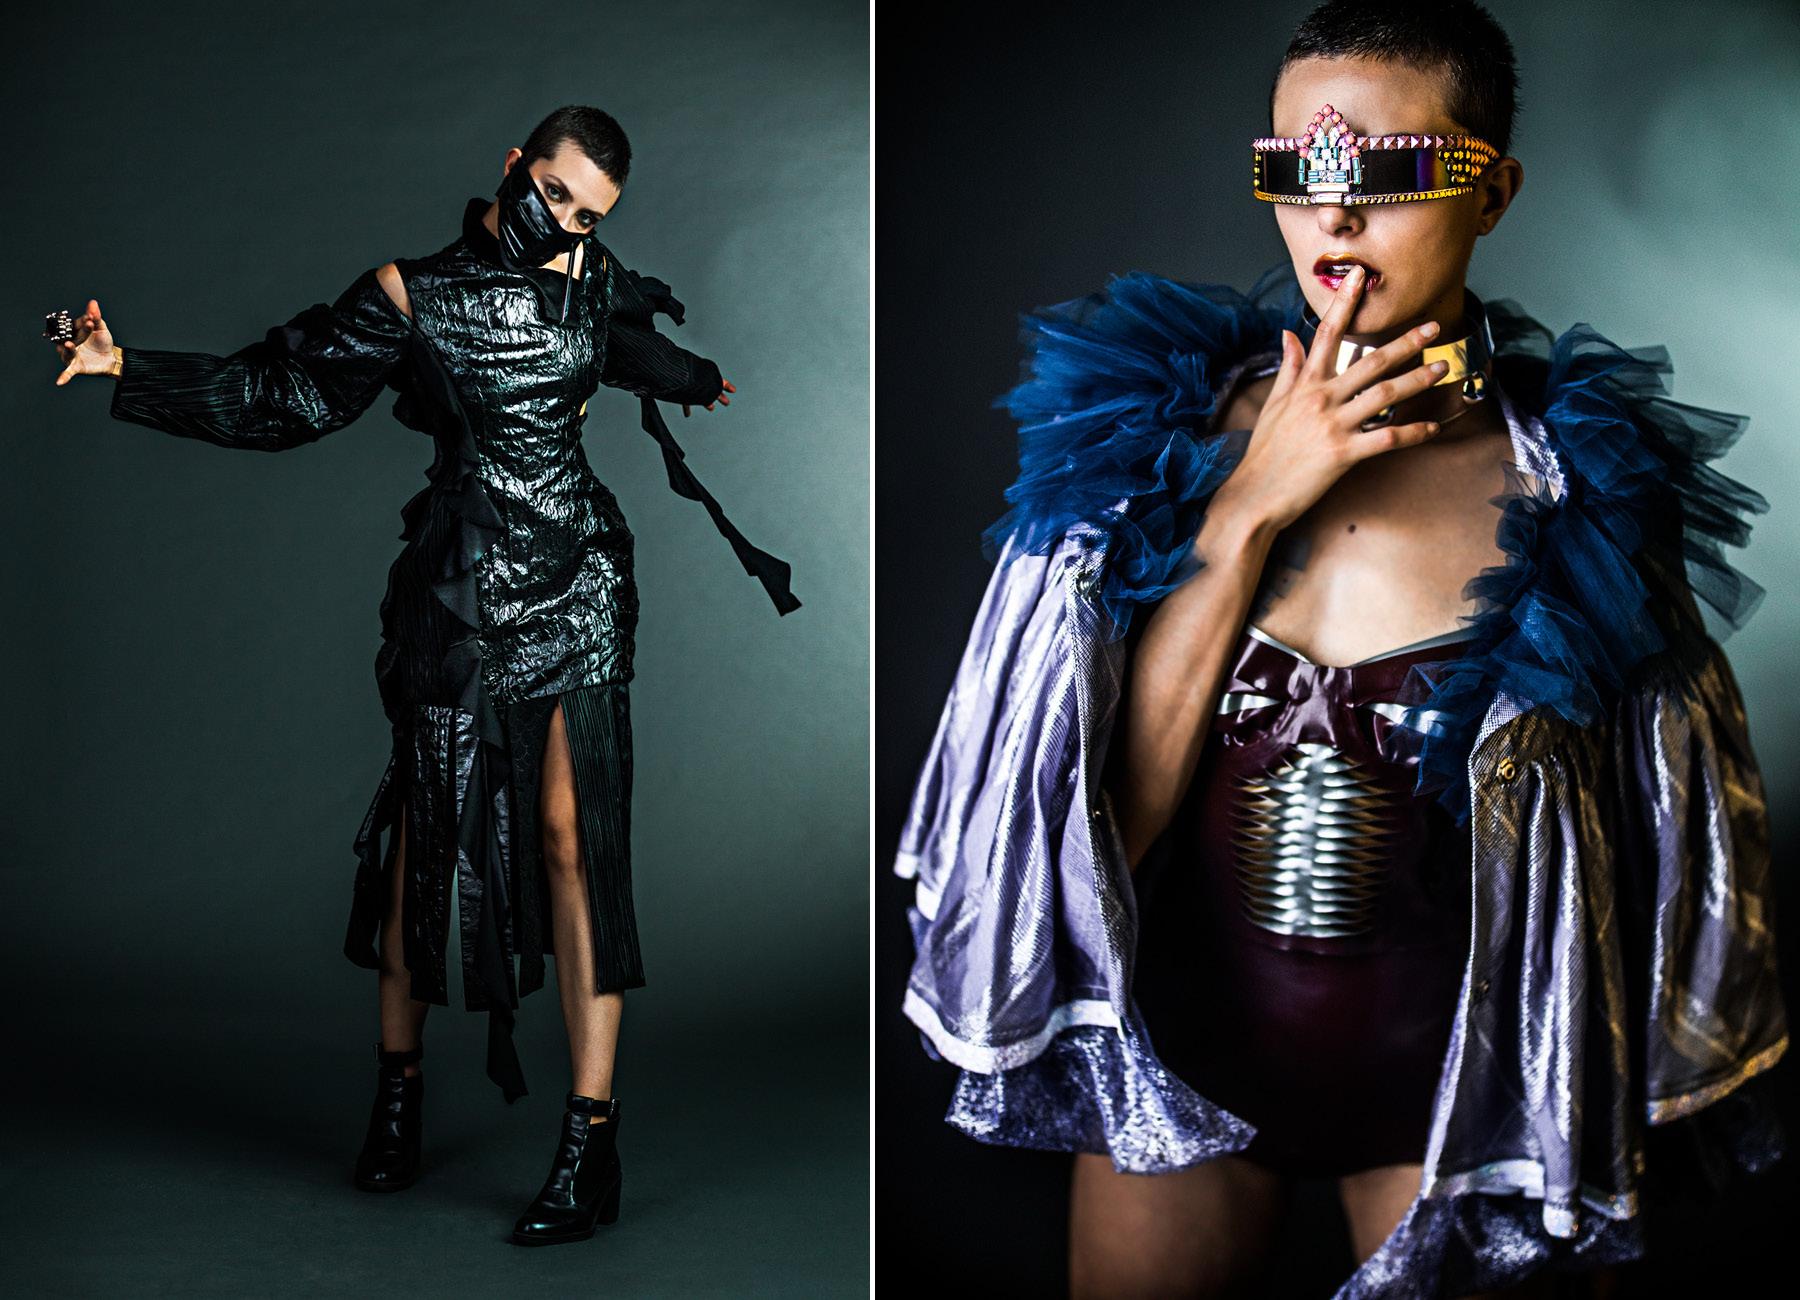 Spirit-&-Flesh-Magazine _STEFANIE-MEDEIROS_by_KAH-POON_7